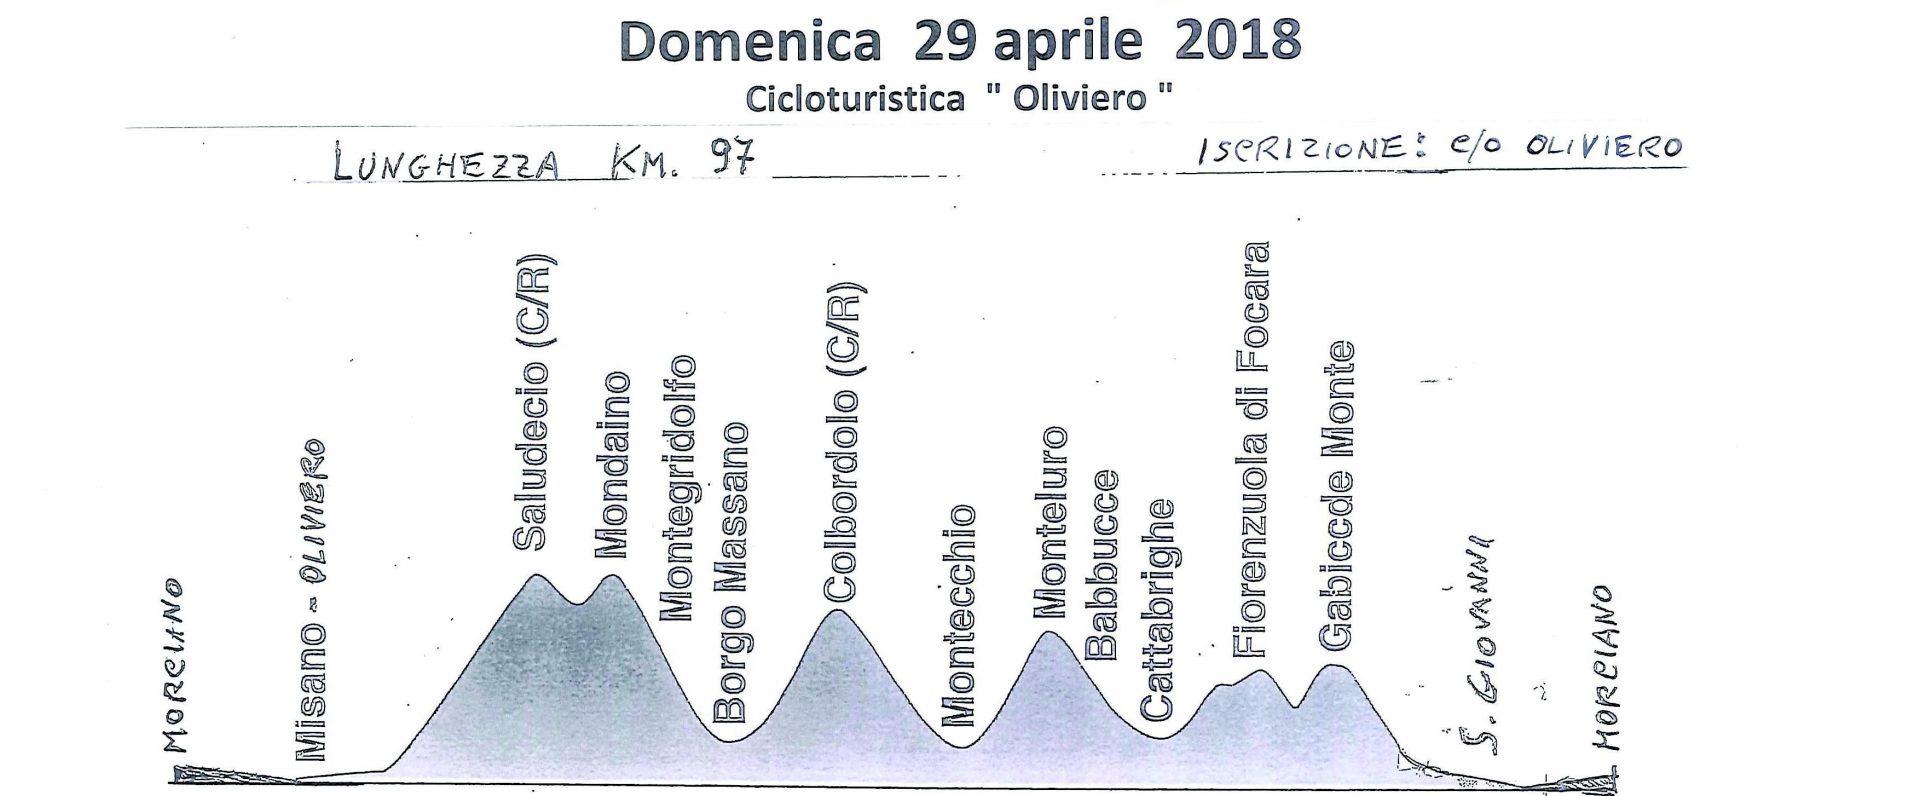 Domenica 29-apr-2018 Turistica Oliviero